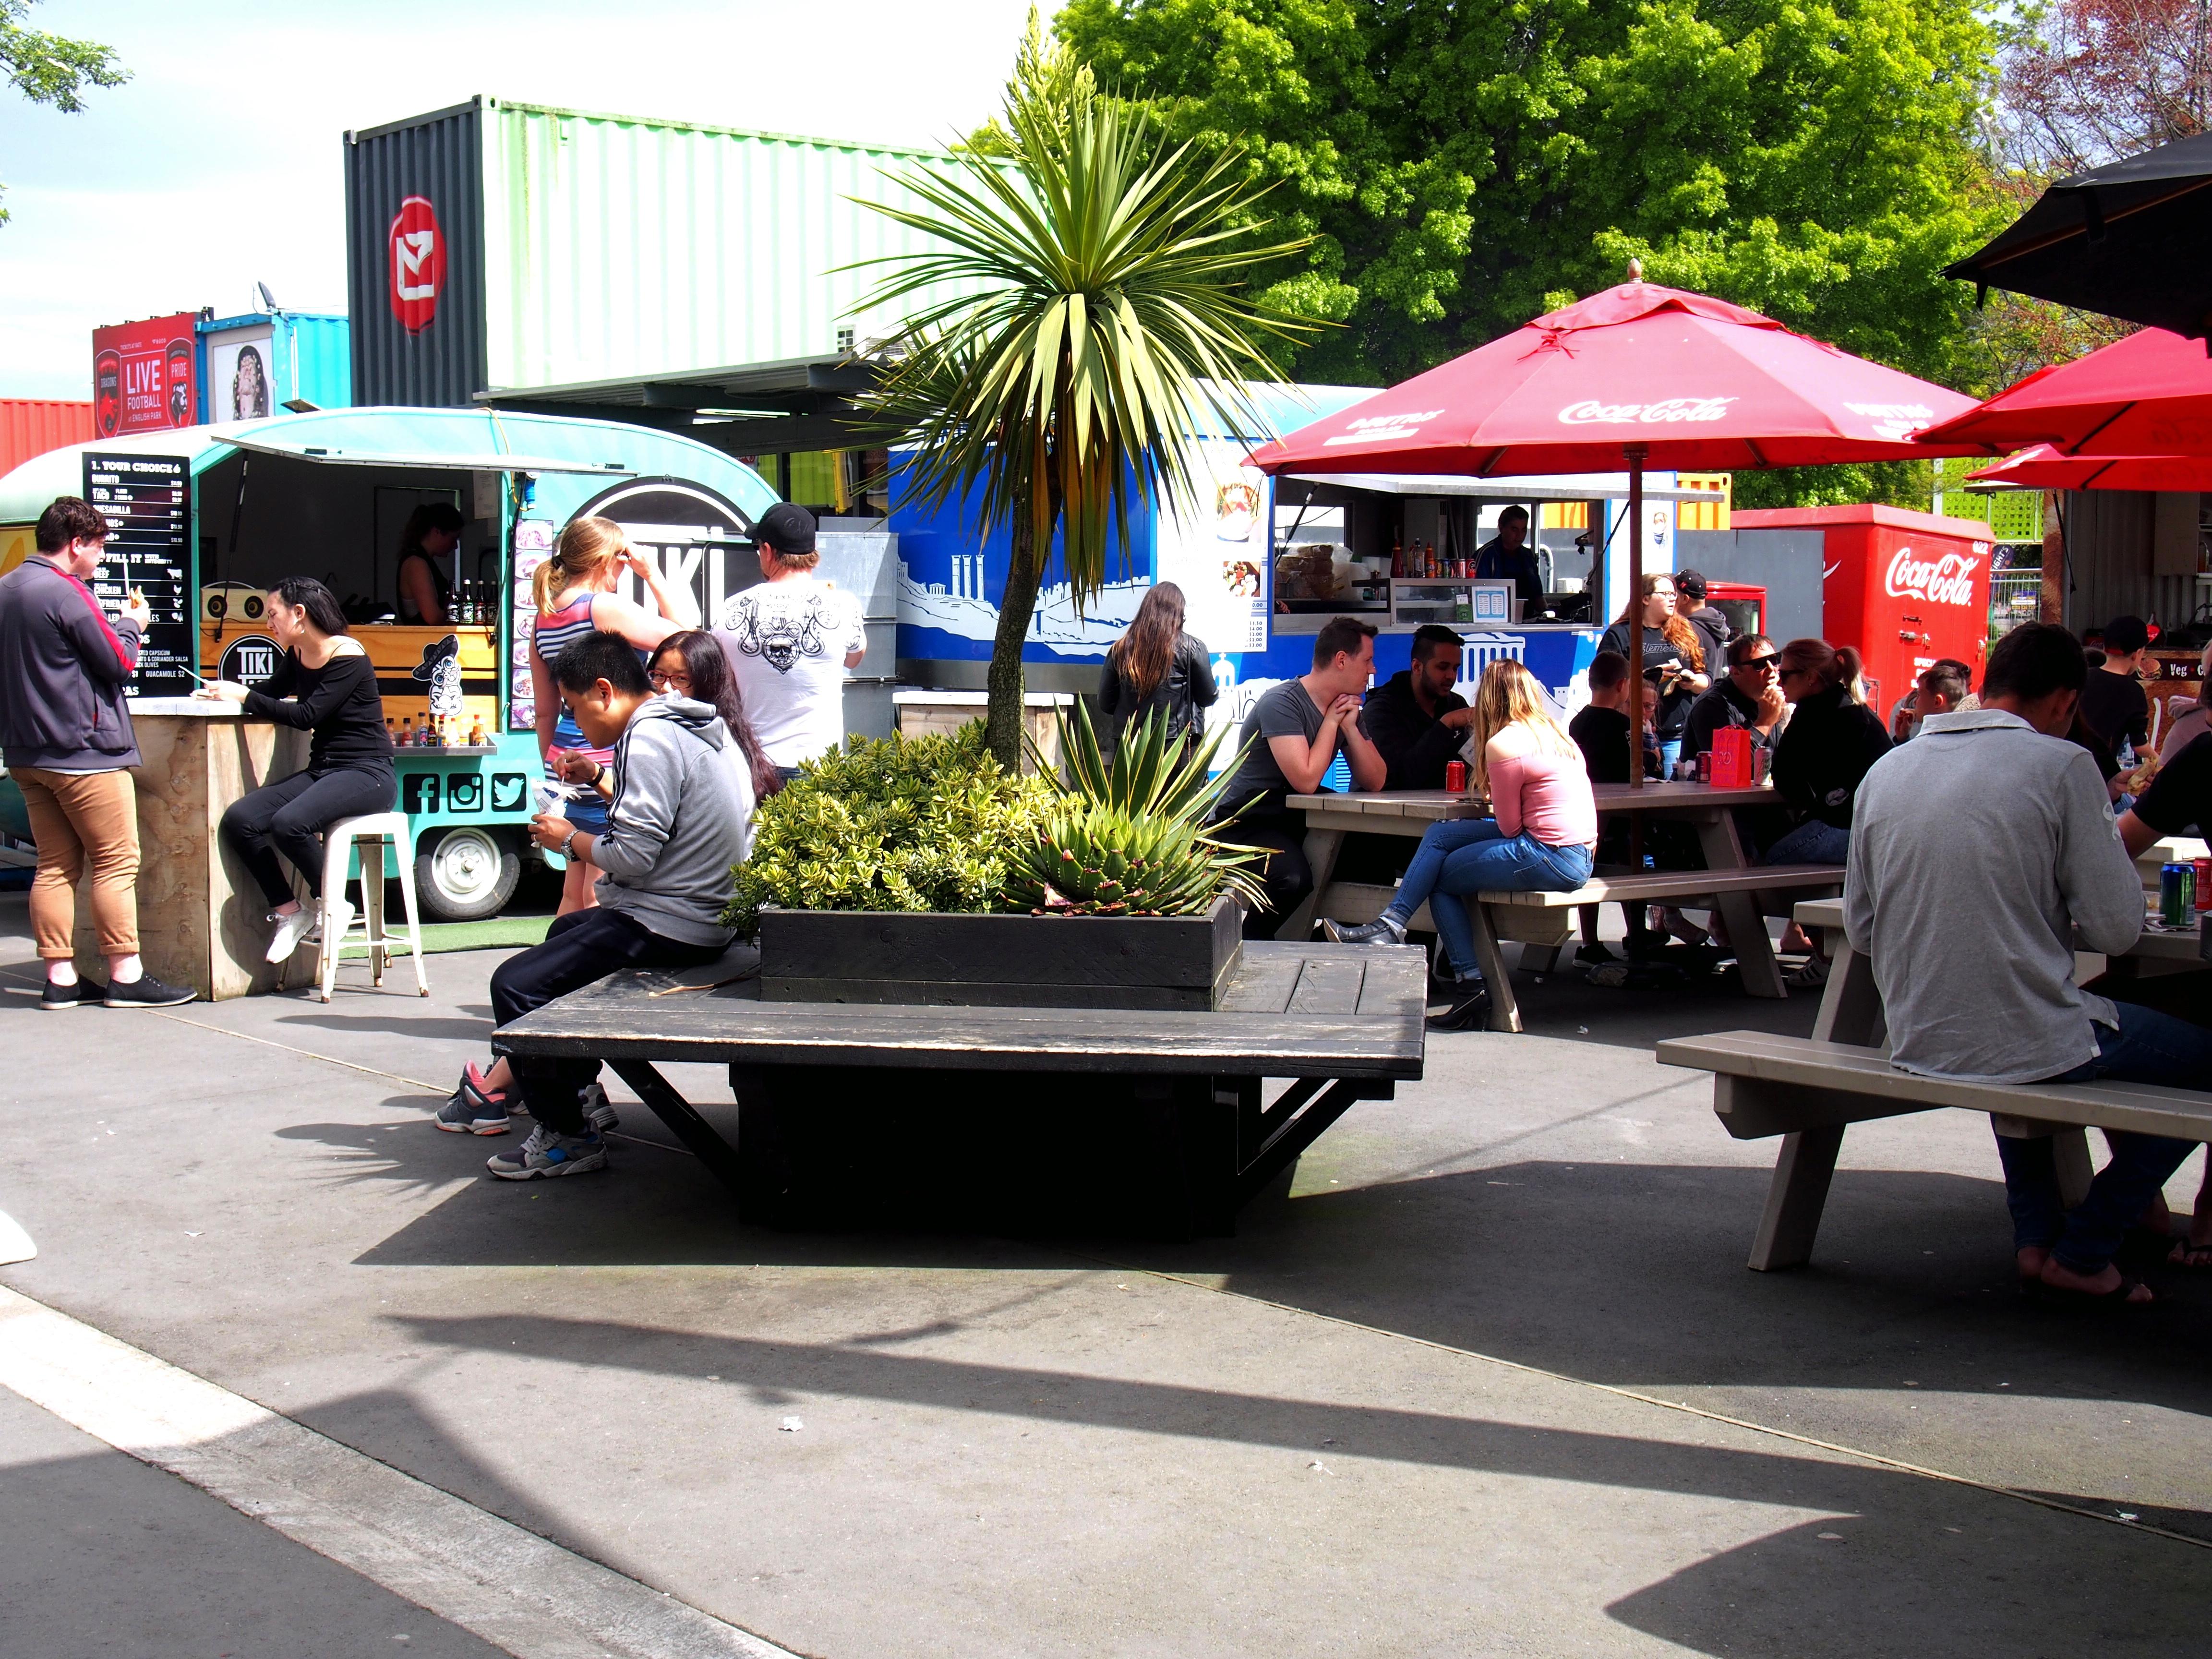 Christchurch_restart4_Fotor.jpg